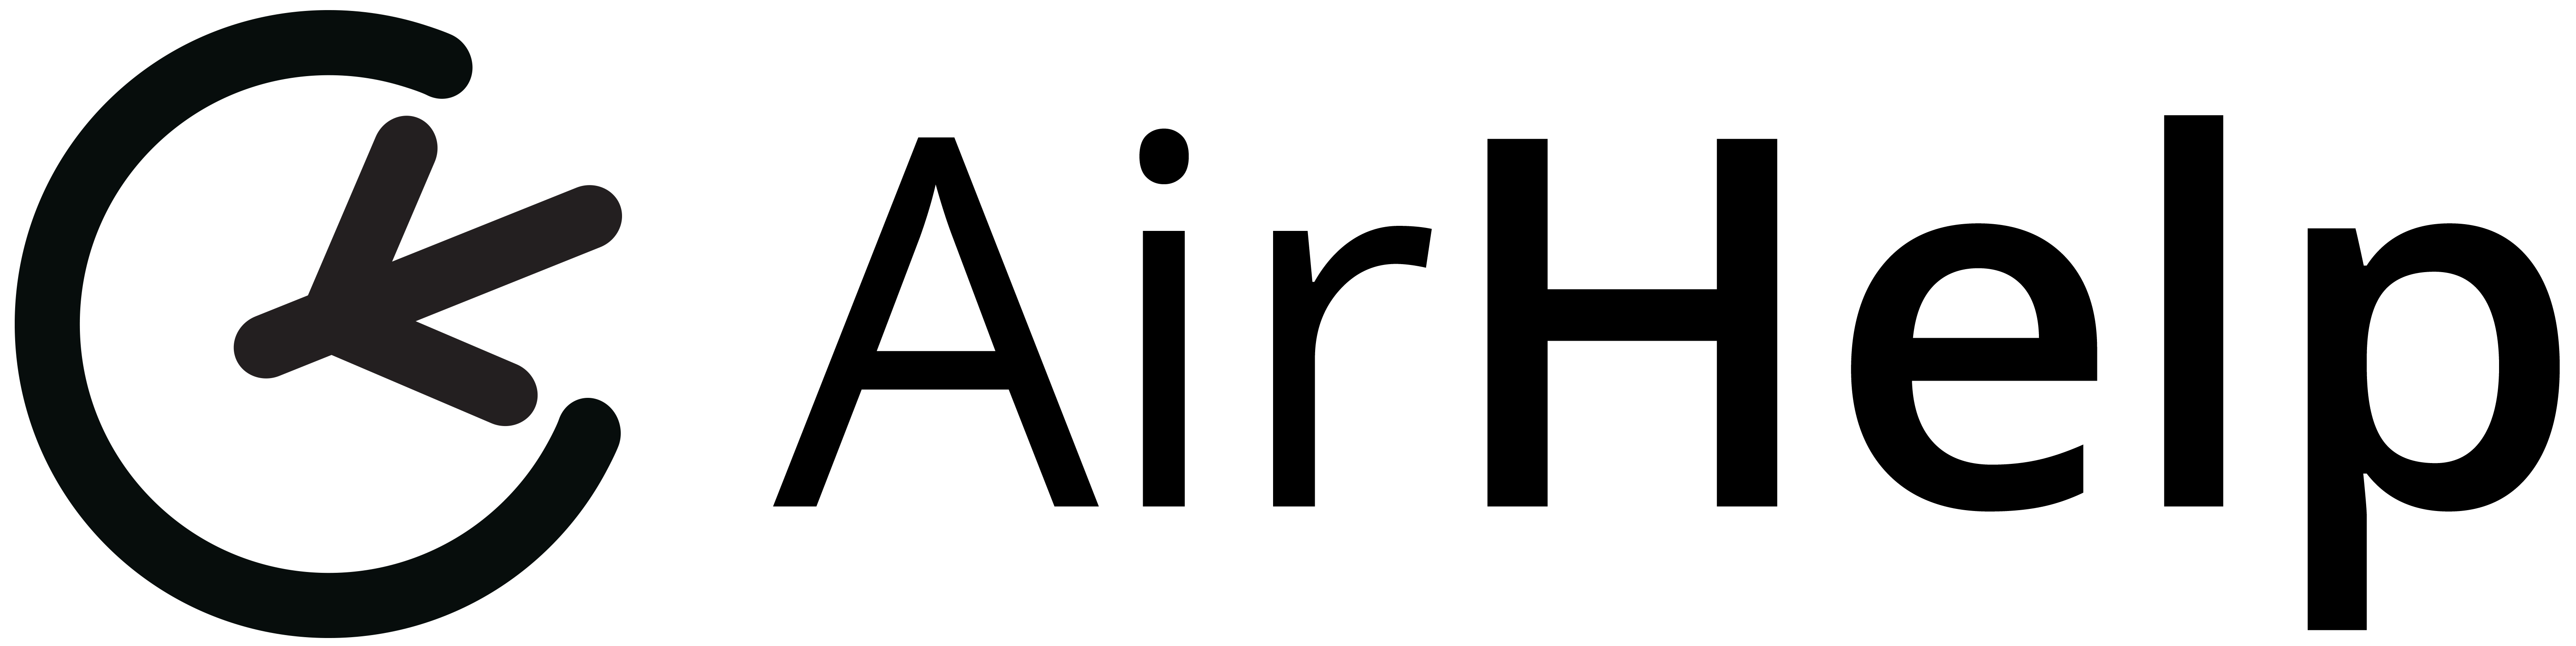 d69b8c839351dff7843c444f0ed5b827